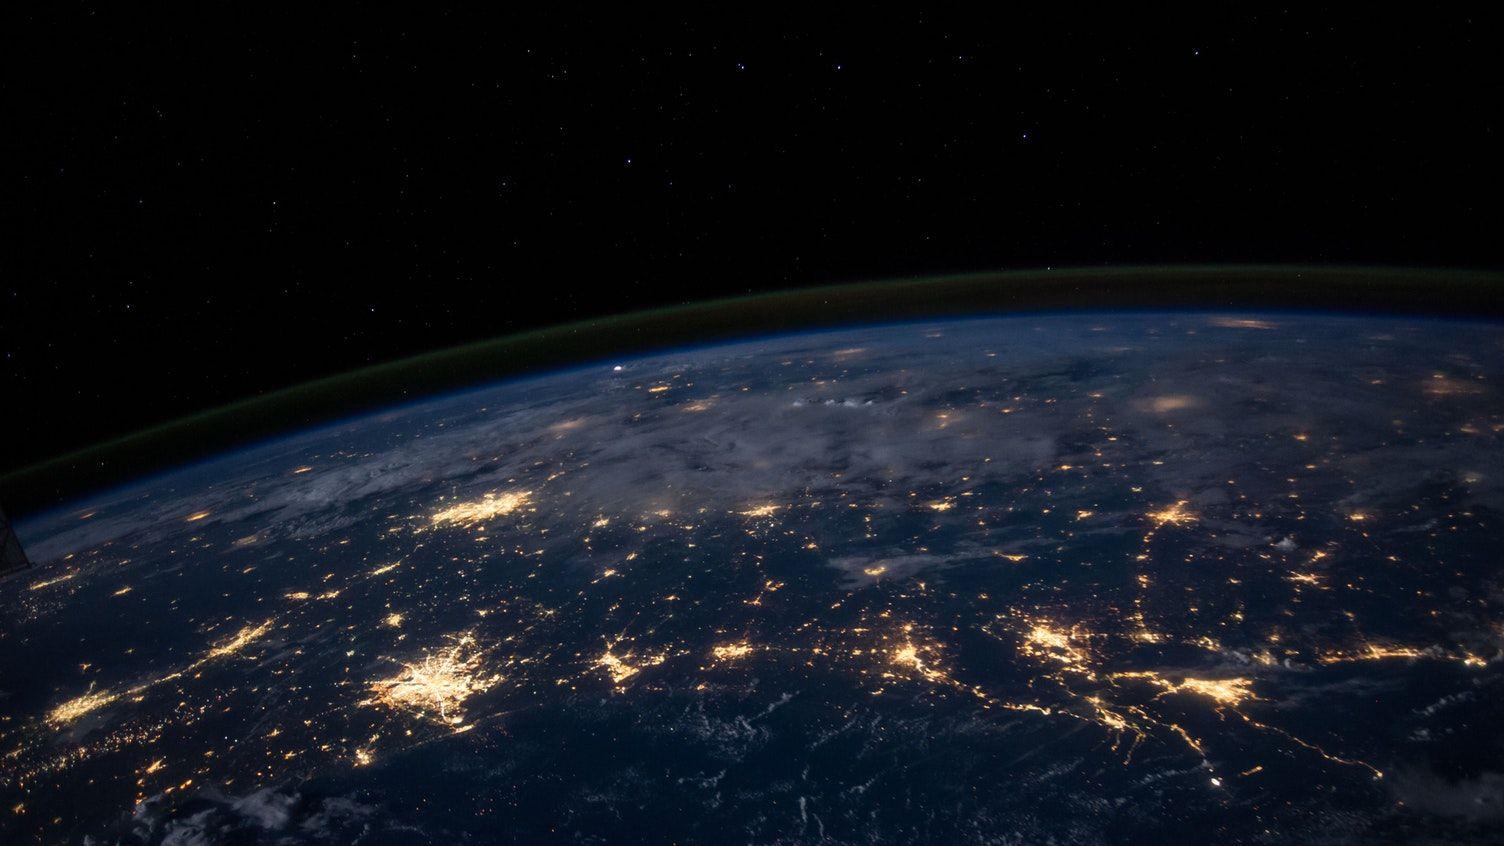 AI利用のルールづくり目指す、世界経済フォーラムが評議会設立へ